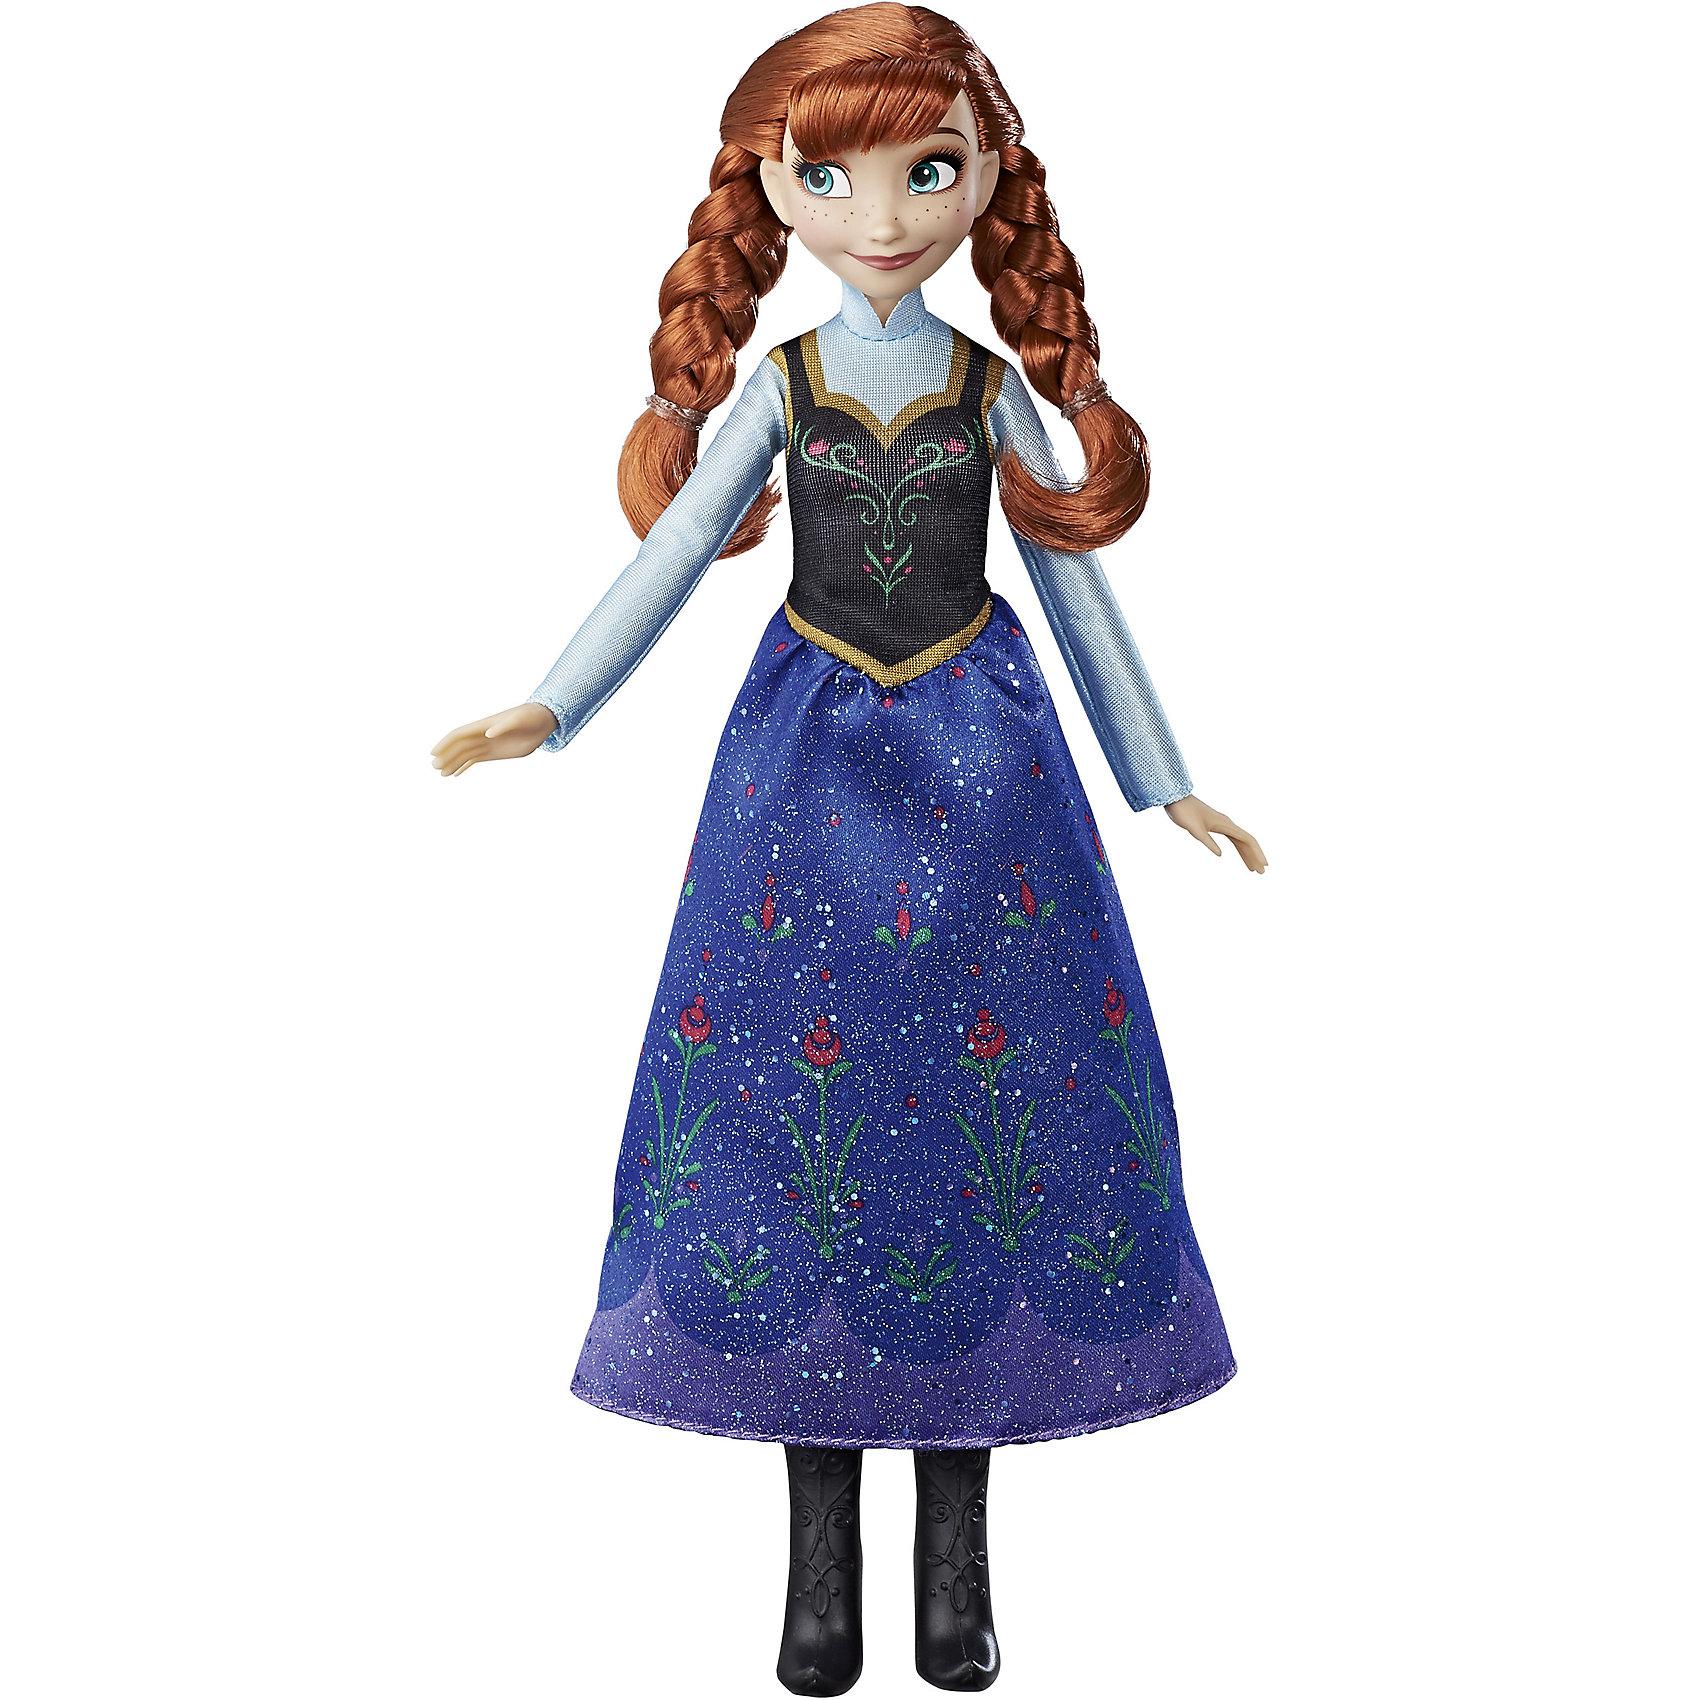 Hasbro Кукла Анна, Холодное сердце, Принцессы Дисней hasbro набор кукол холодное сердце анна и кристоф